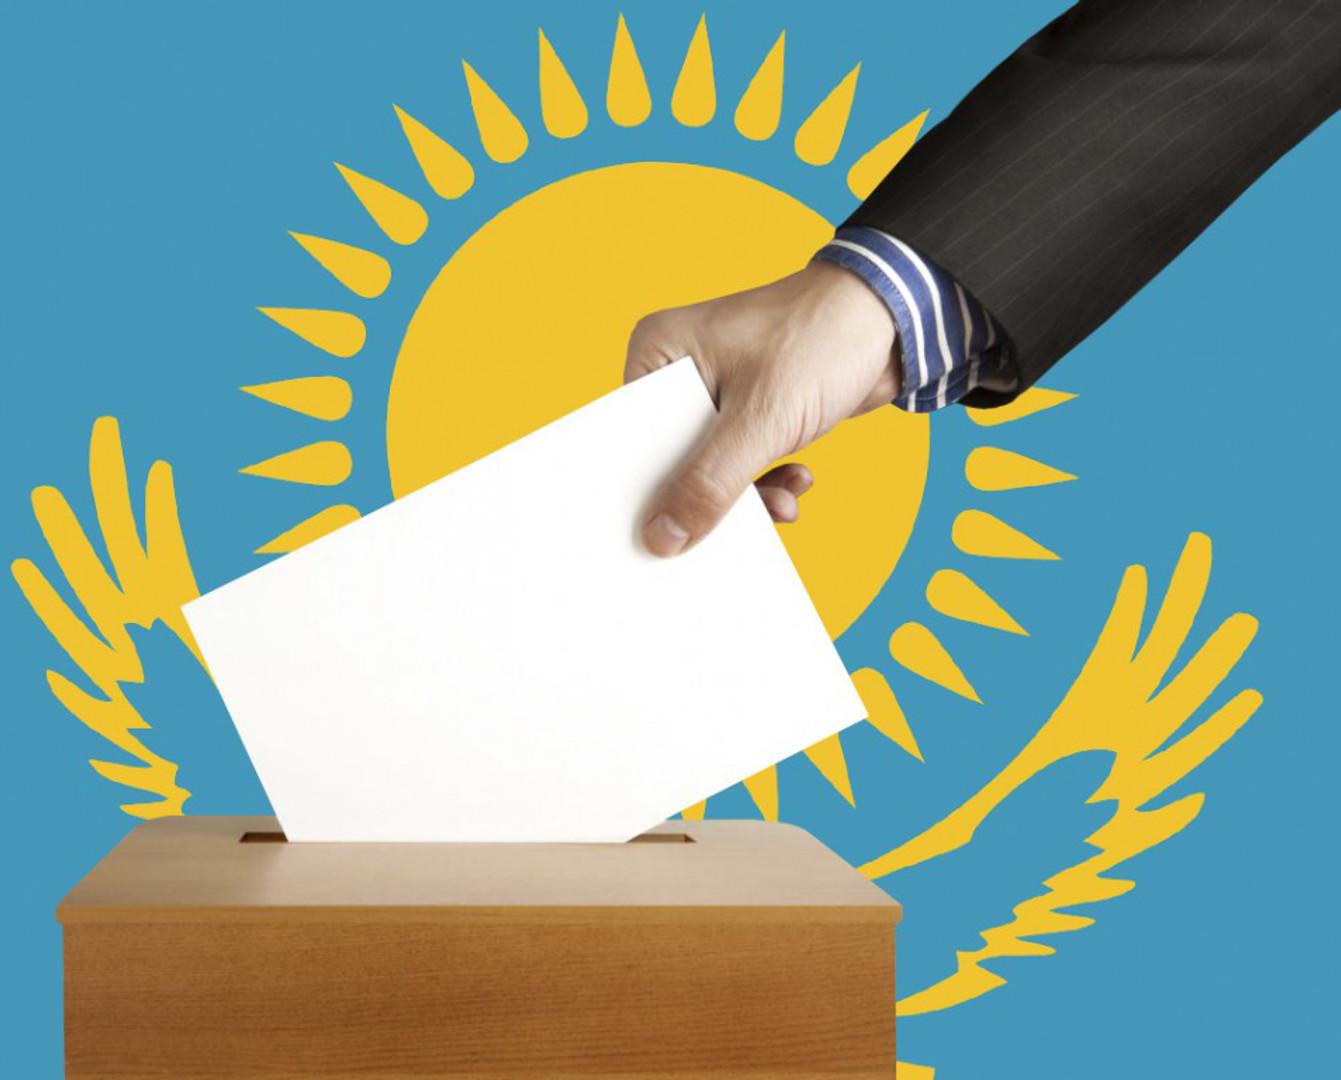 Внеочередные выборы Президента Казахстана пройдут 9 июня 2019 года